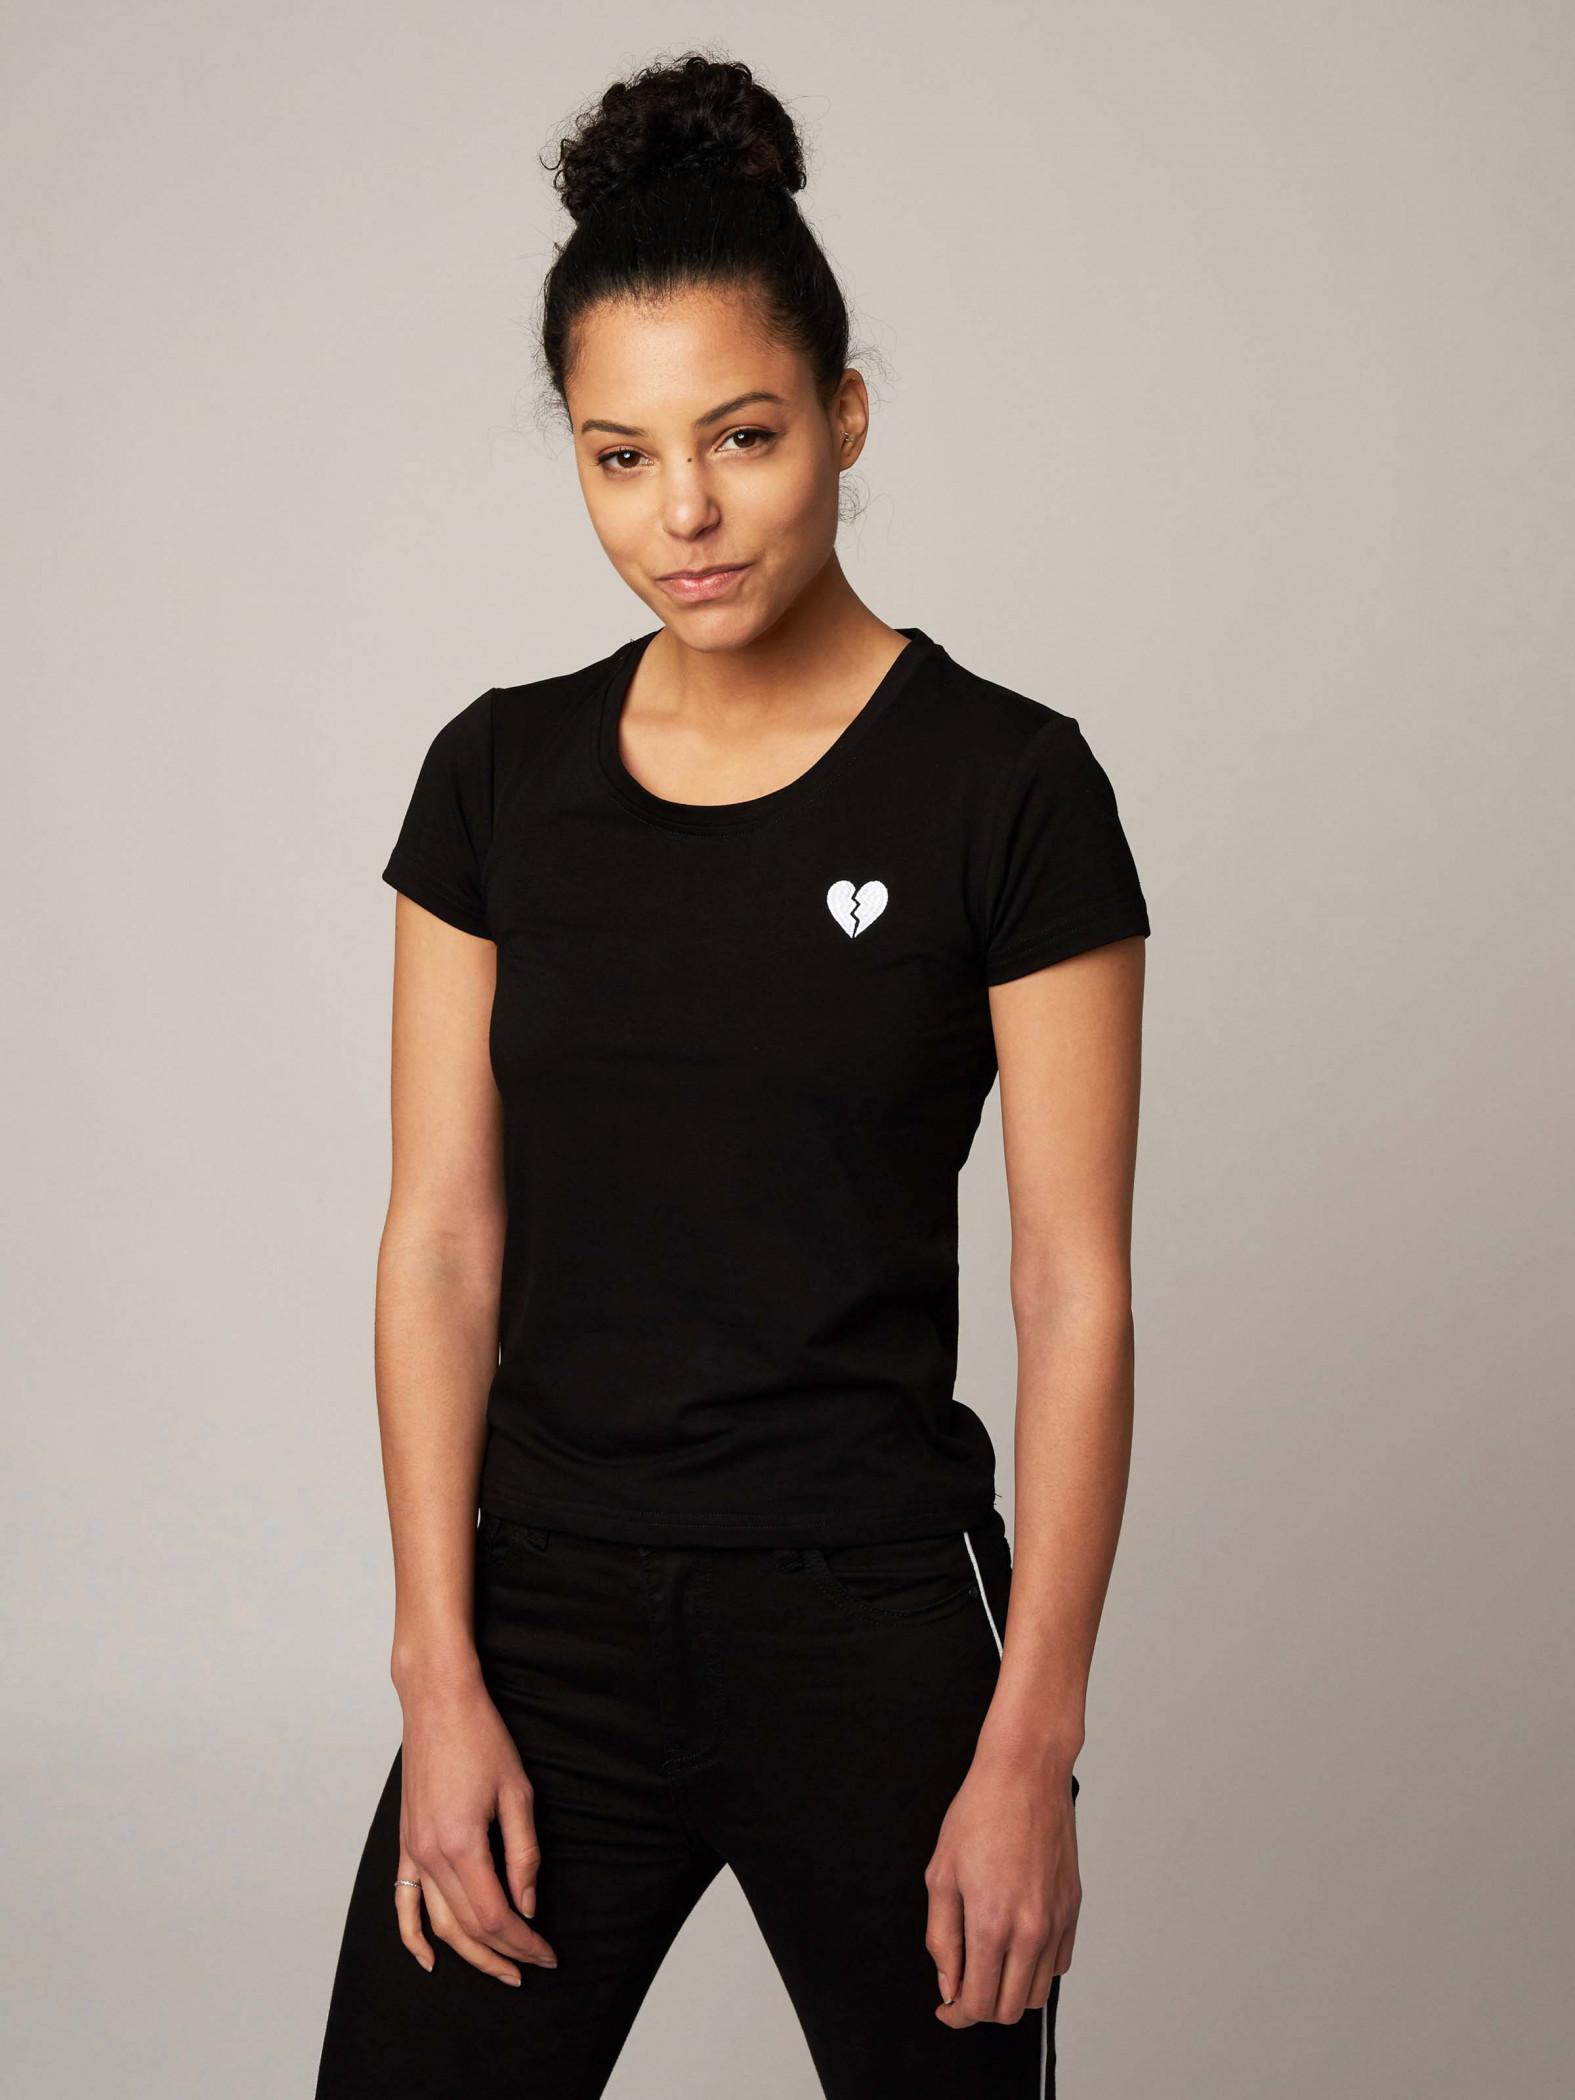 cdf3f7ebc7 Women's Broken Heart Embroidered T-Shirt Project X Paris